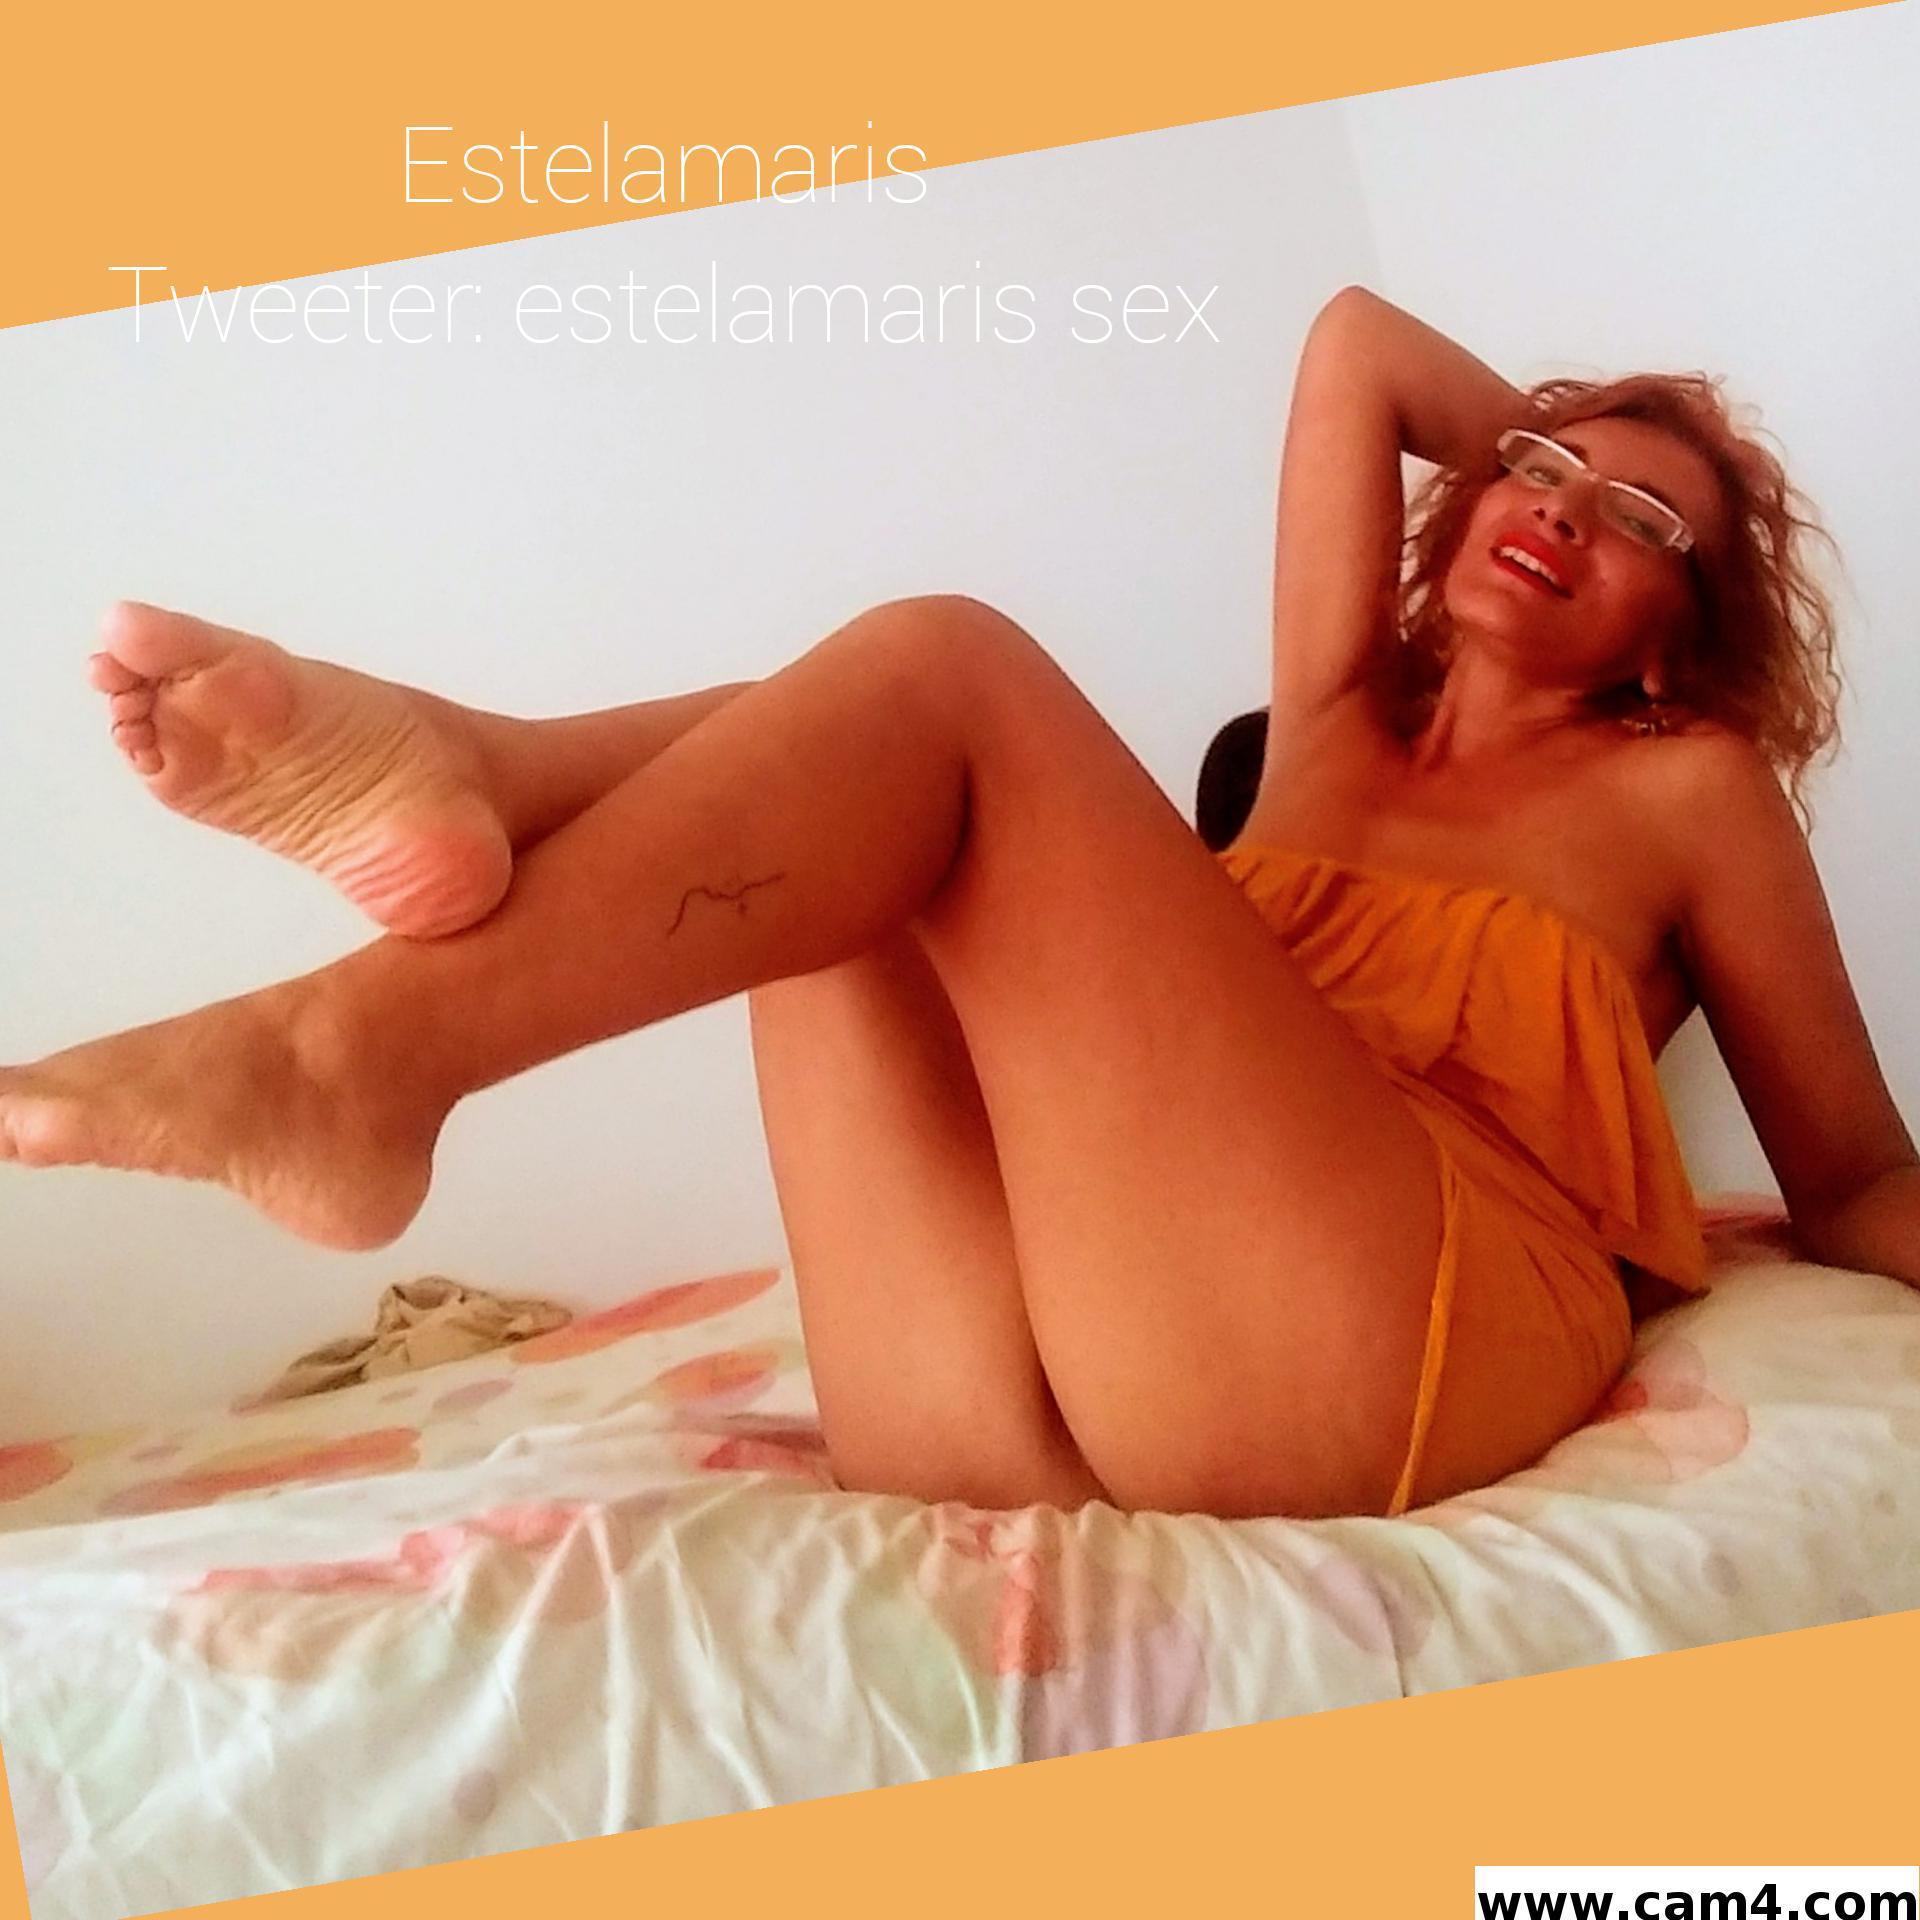 Estelamarisex?s=mzxoyztsqyg77tlddw332lnzsnn6m+uex9lmo+fthm8=